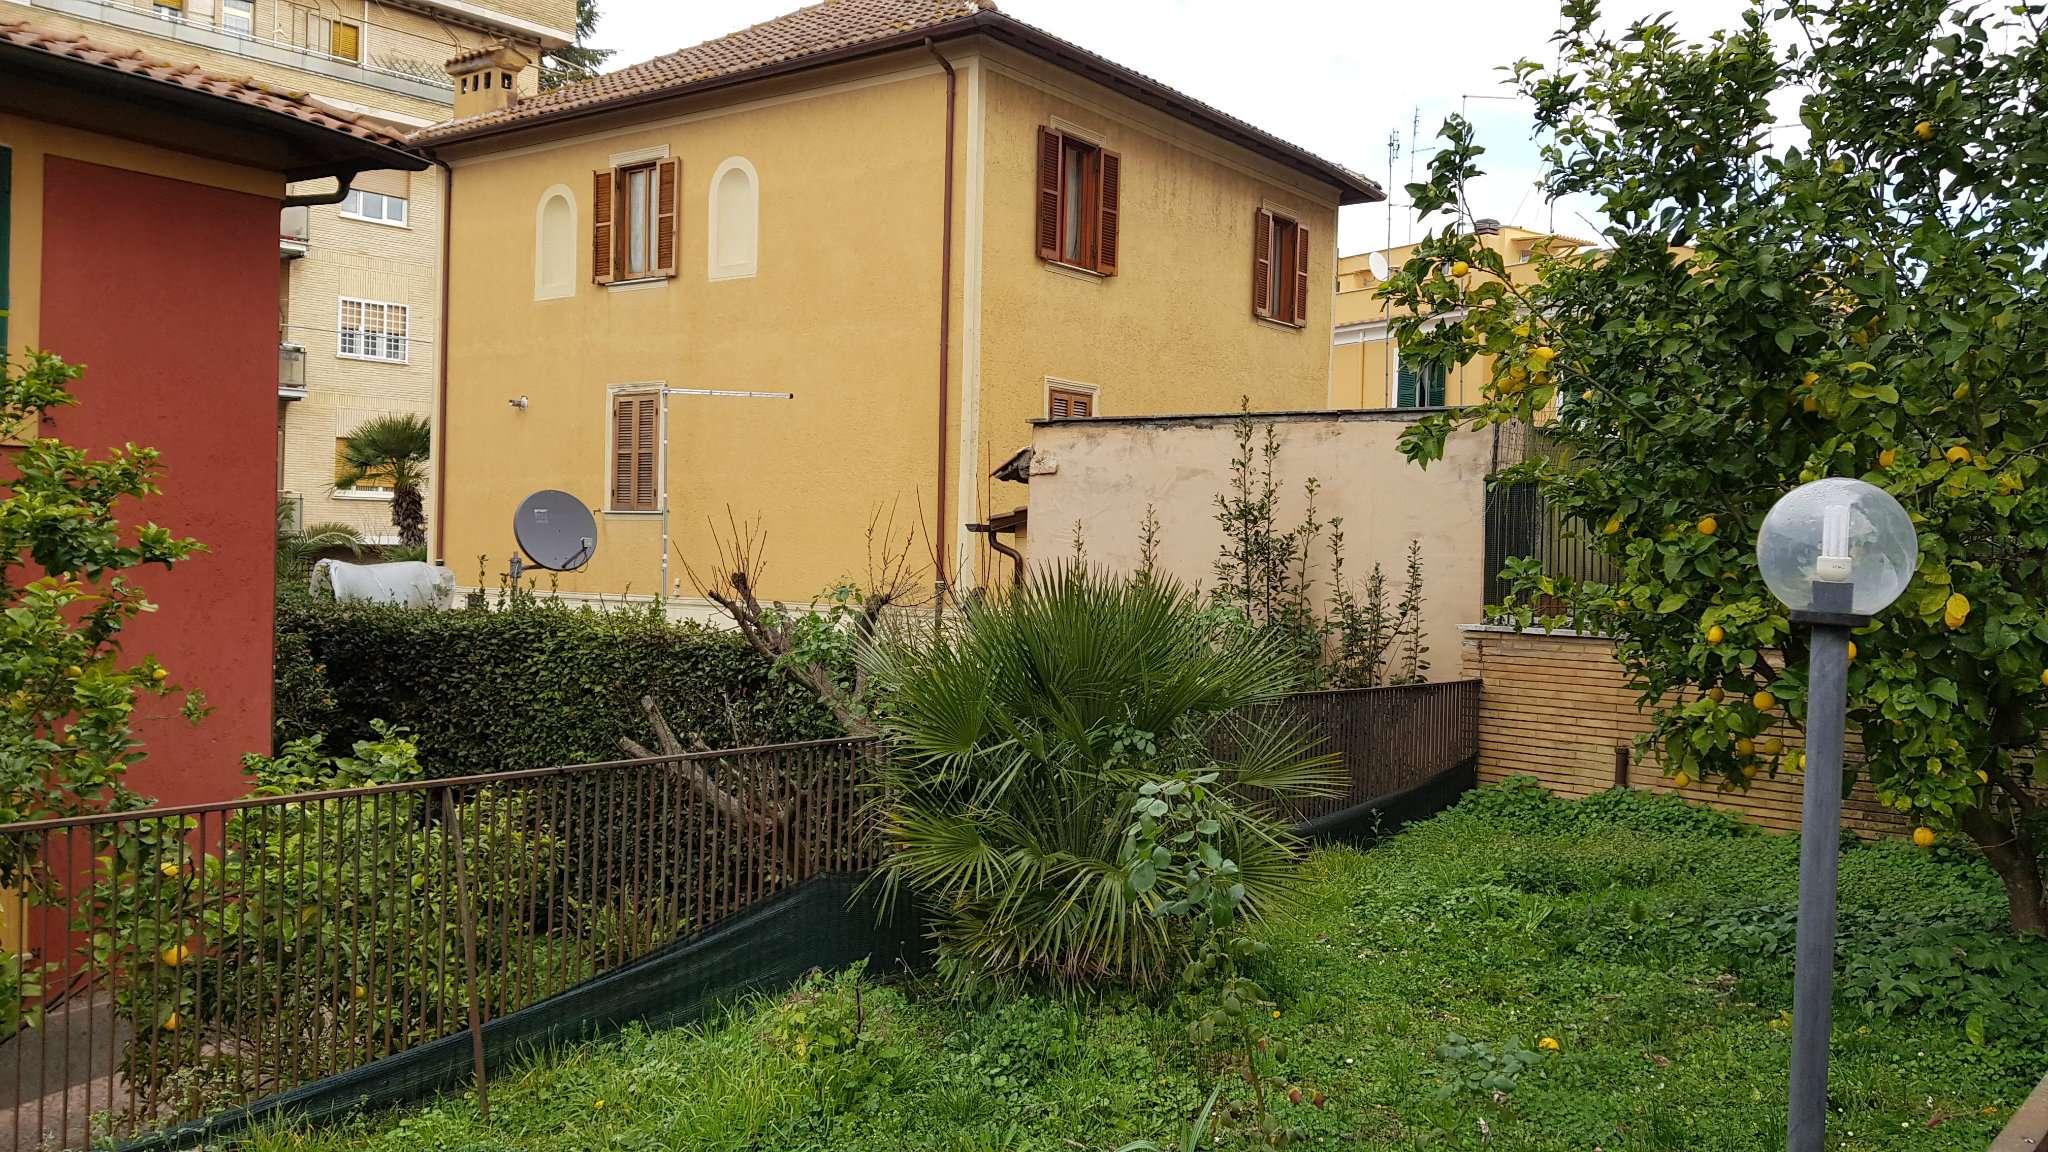 Annunci immobiliari inserzionista inter co di pacetti di roma for Appartamento di efficienza seminterrato